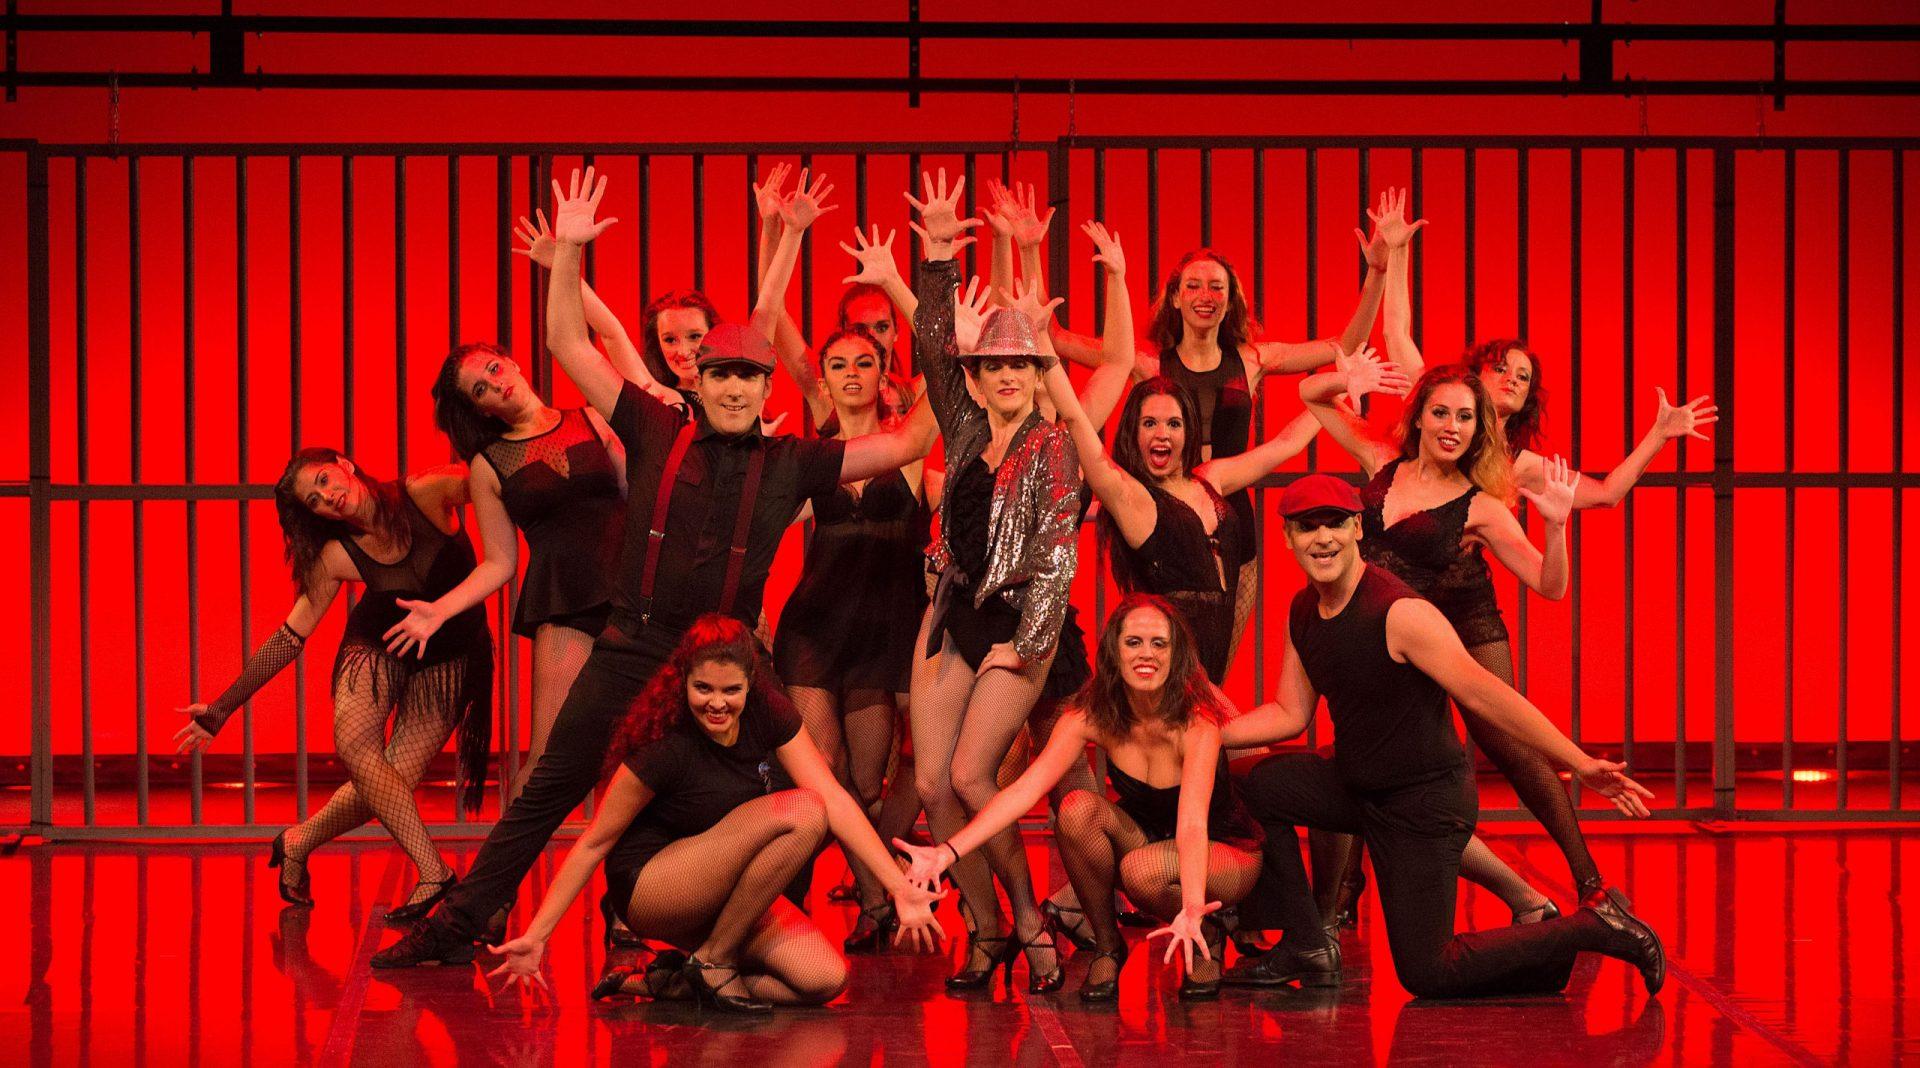 Foto del Centro de Danza Sandra Santa Cruz en su 25 Aniversario donde un grupo numeroso de bailarines delante de unas rejas iluminadas en rojo baila Cell Block Tango del Musical Chicago